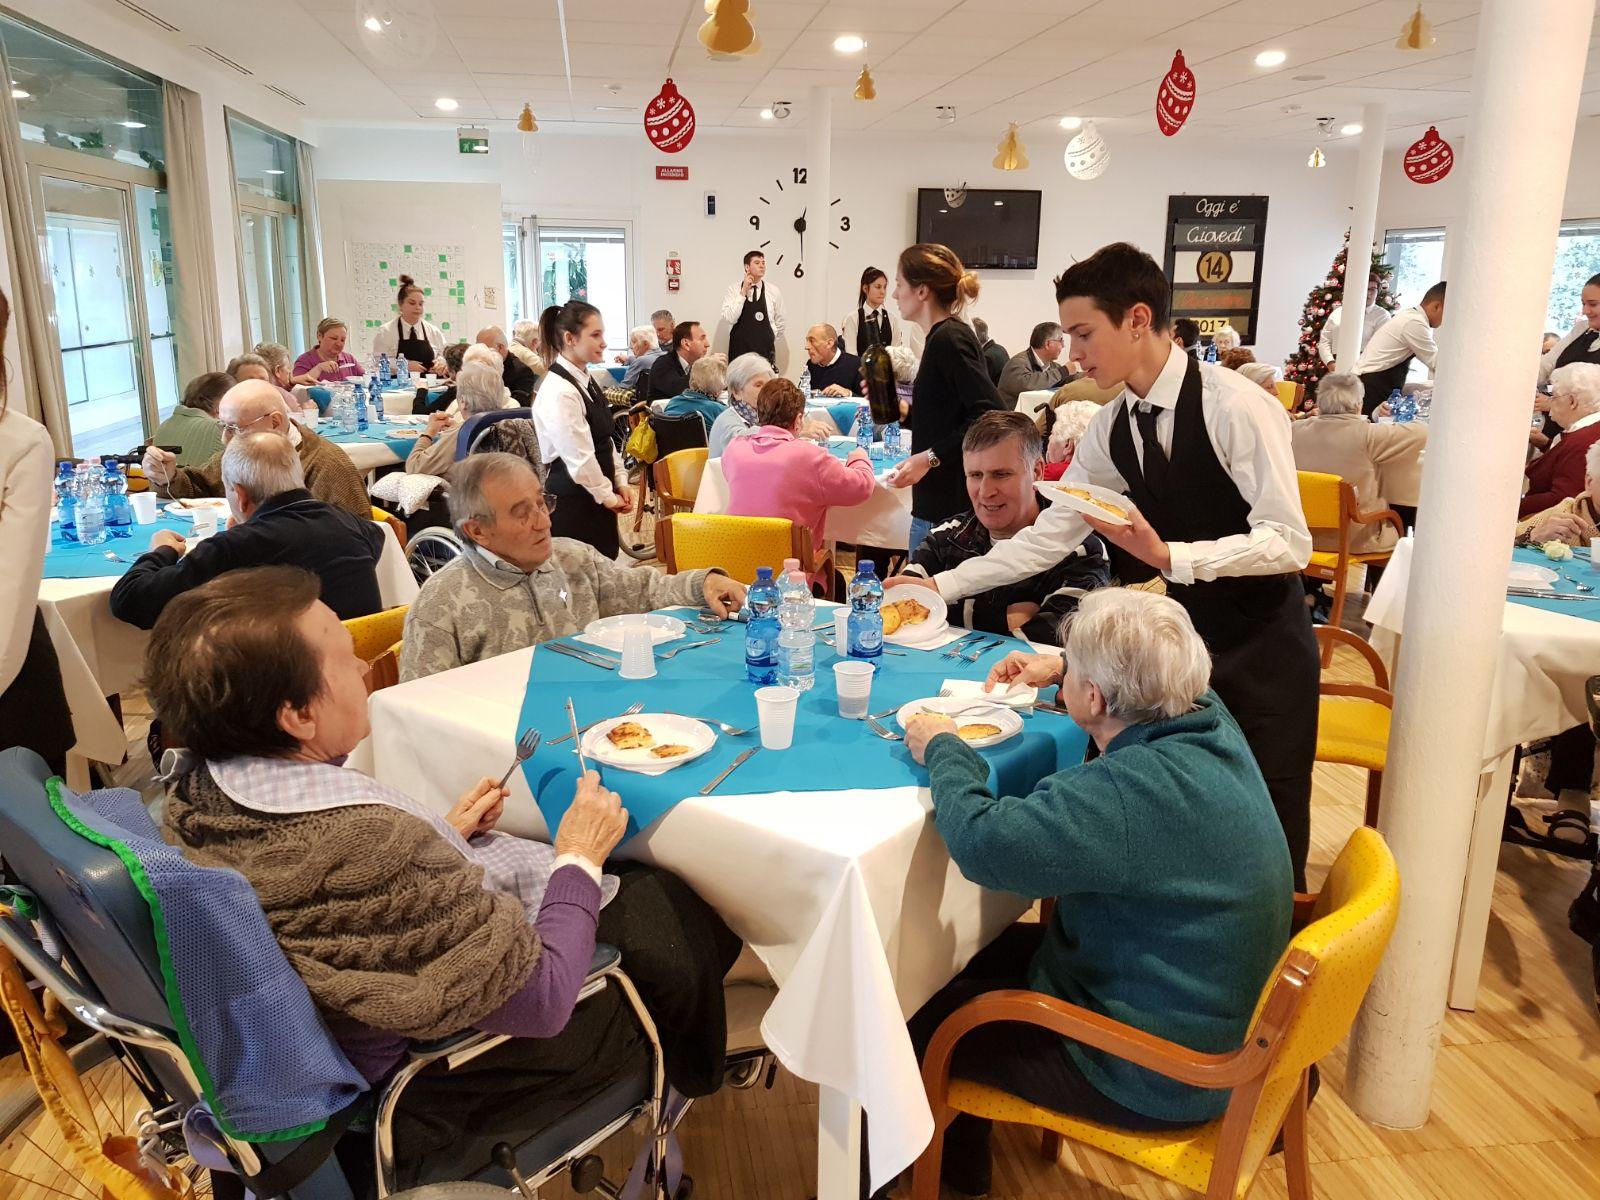 Pranzo di natale per gli ospiti della fondazione anni sereni foto giornale di treviglio - Menu per ospiti a pranzo ...